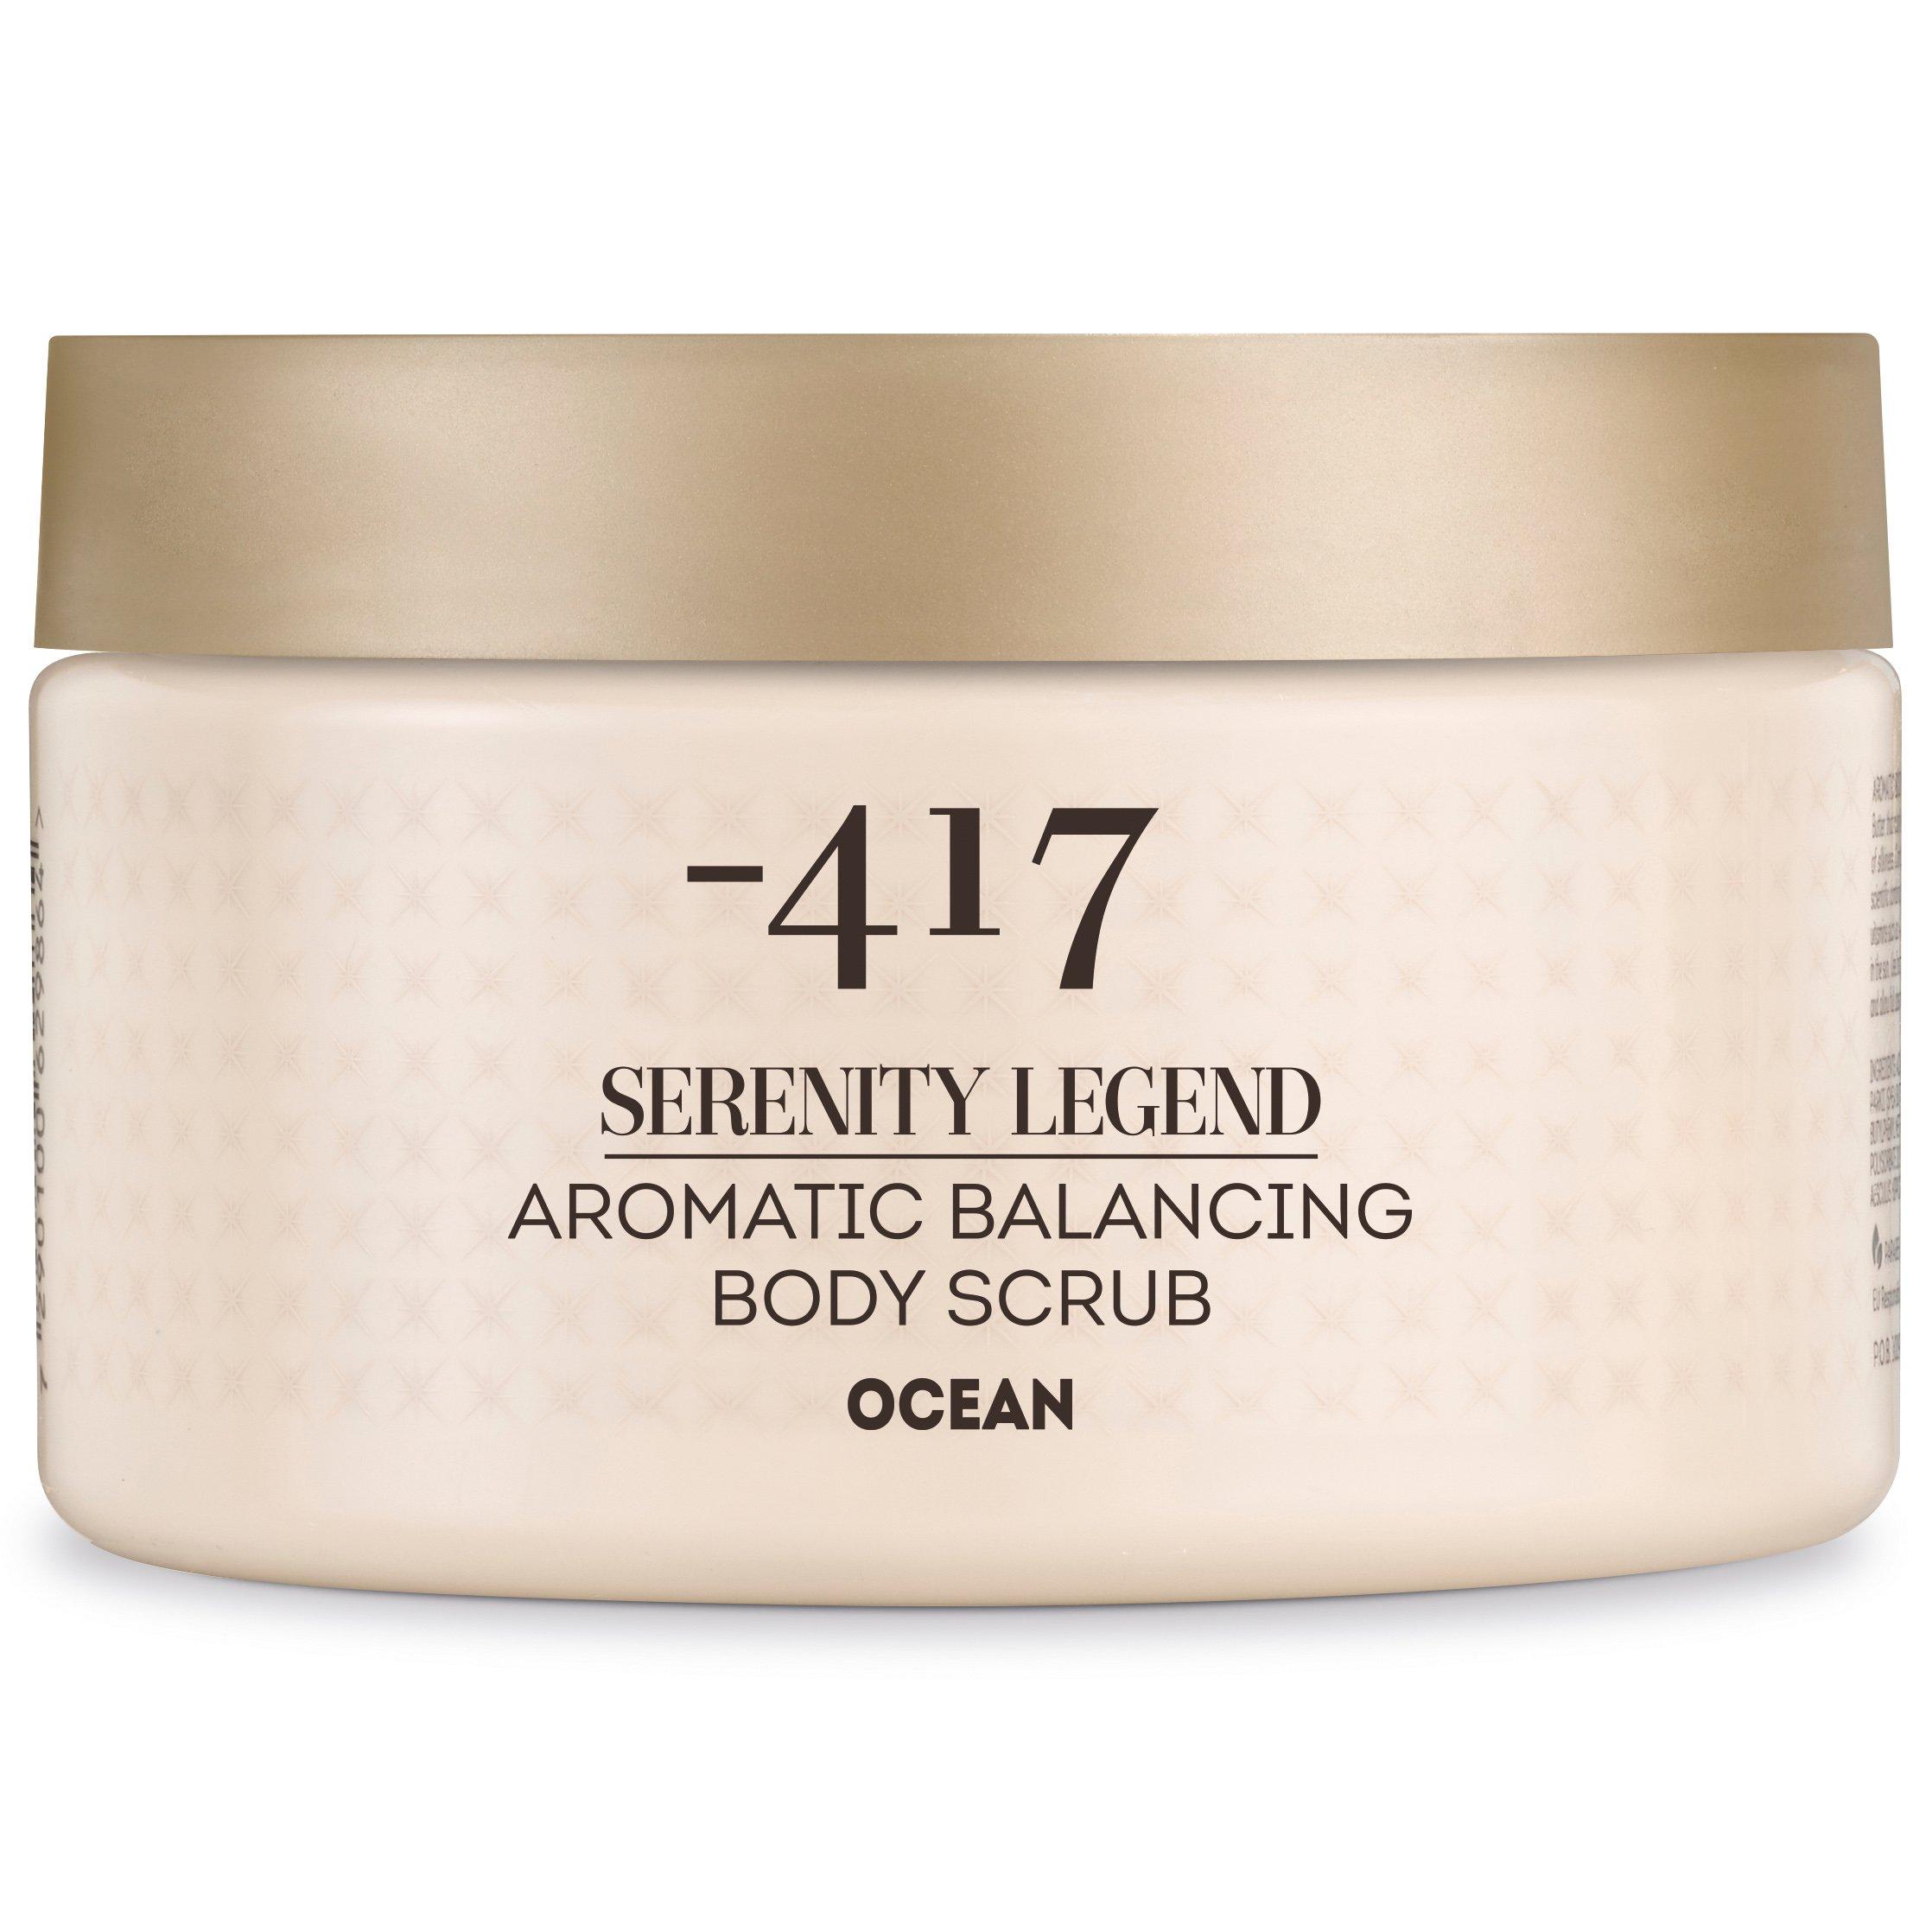 Minus 417 Serenity Legend Aromatic Balancing Body Scrub Ocean Απαλό Αρωματικό Scrub Σώματος 450gr